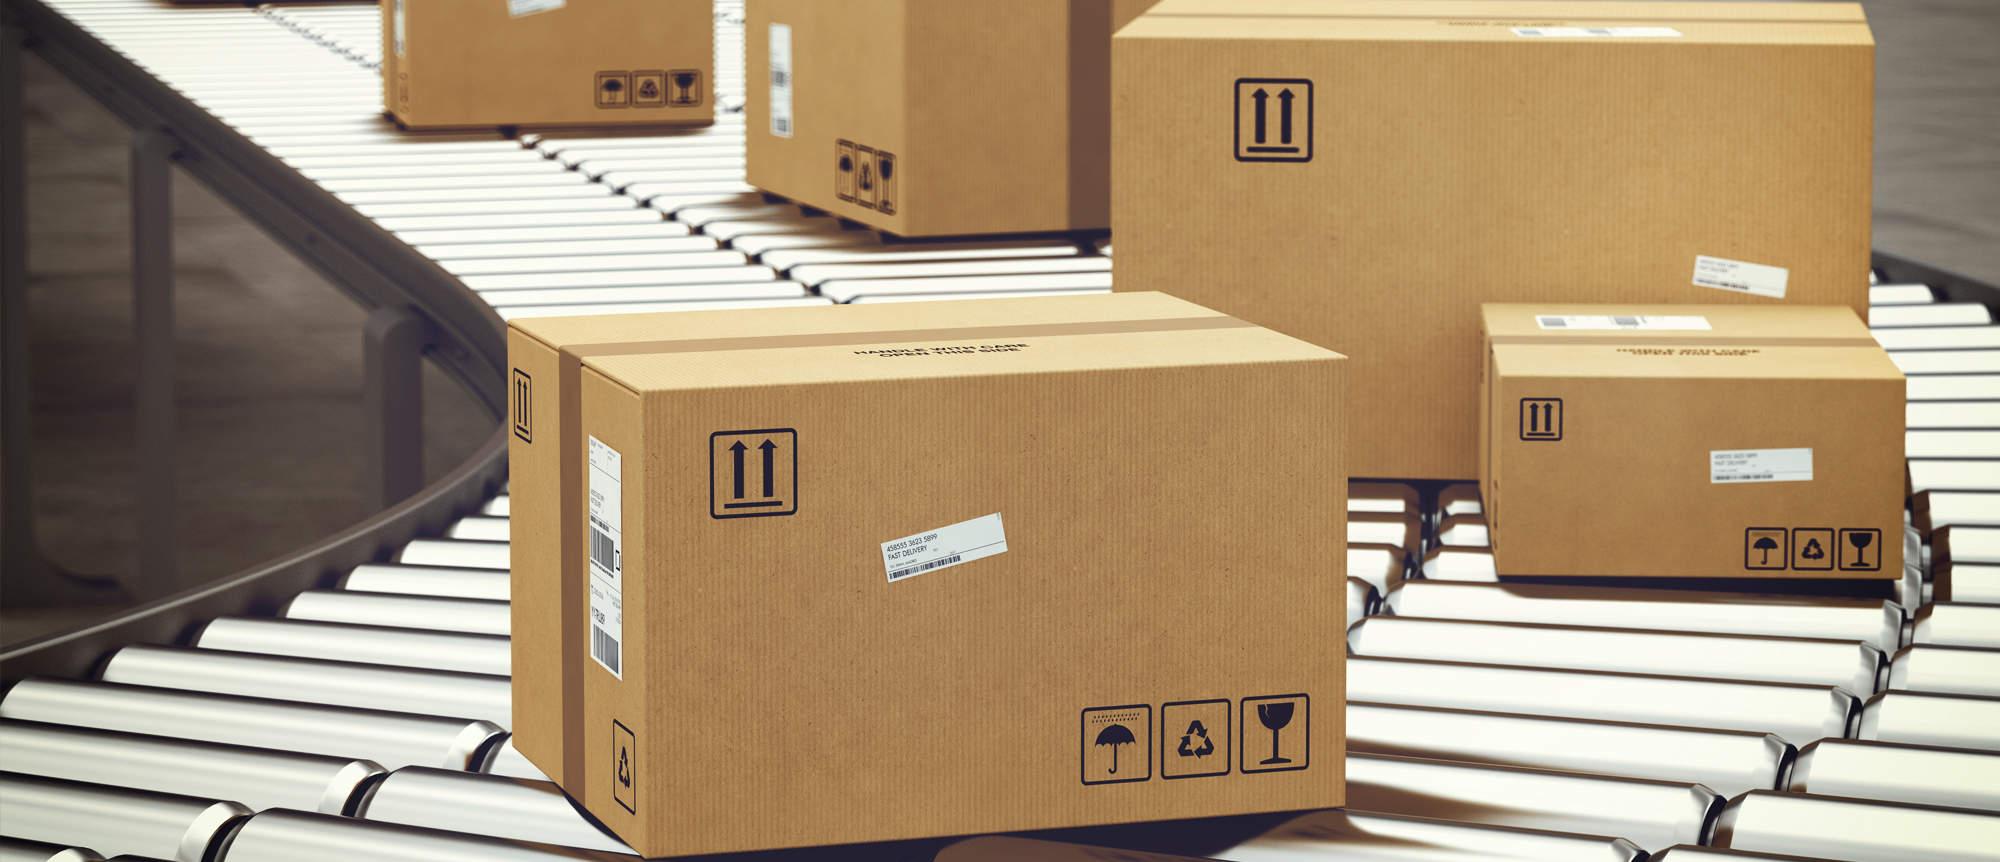 Packing_image